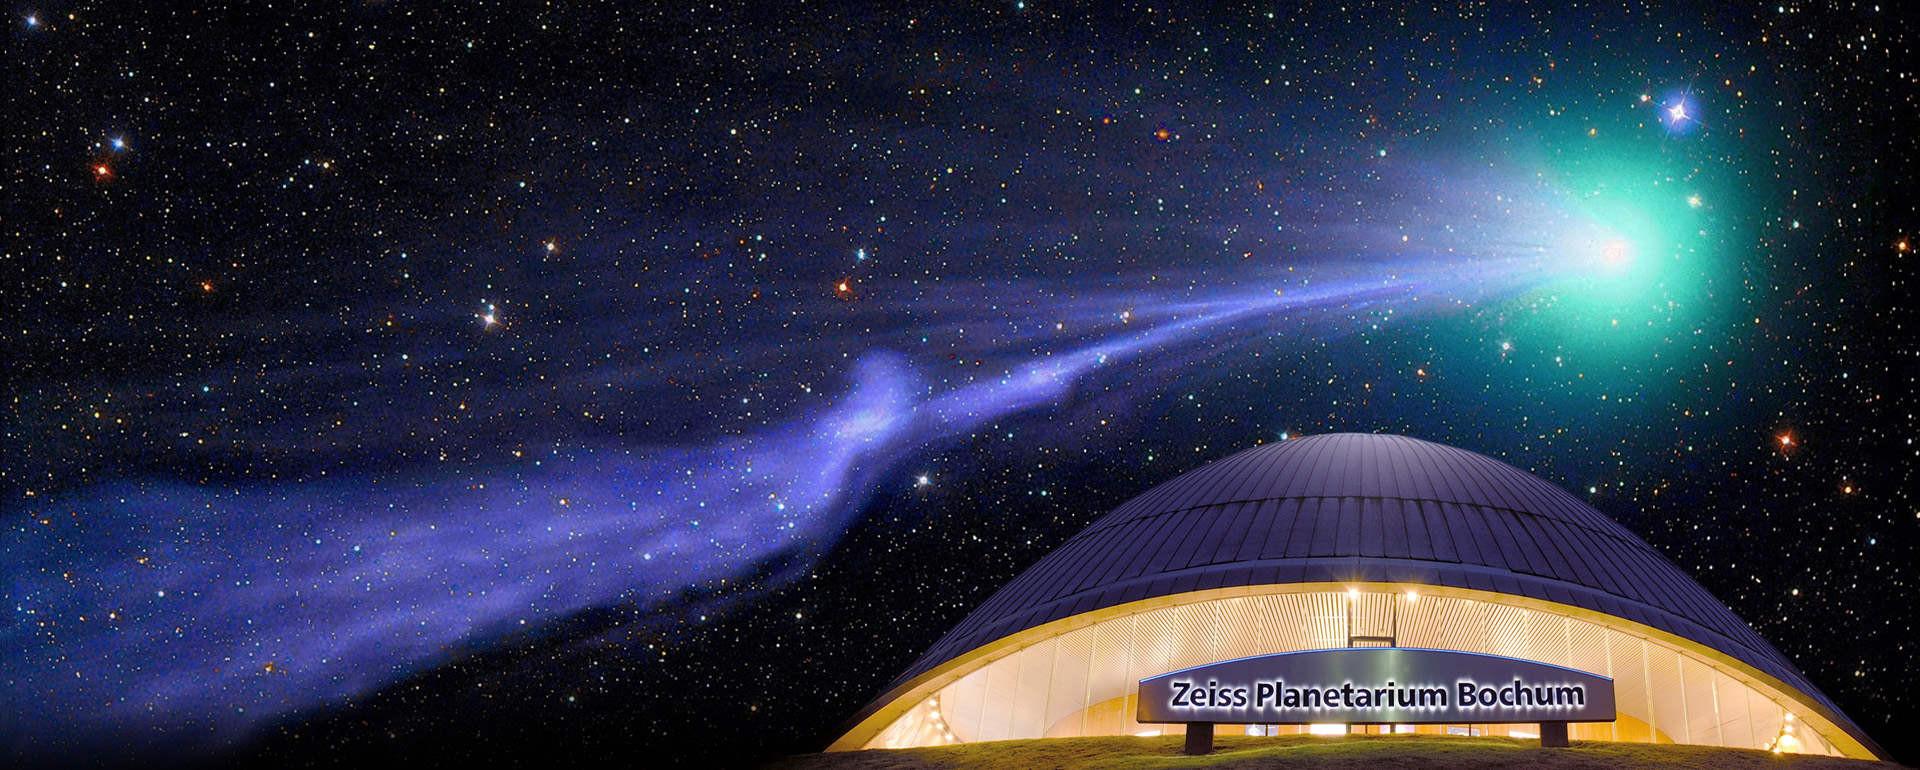 Dino City Bochum Karte.Planetarium Bochum Wir Zeigen Das Größte